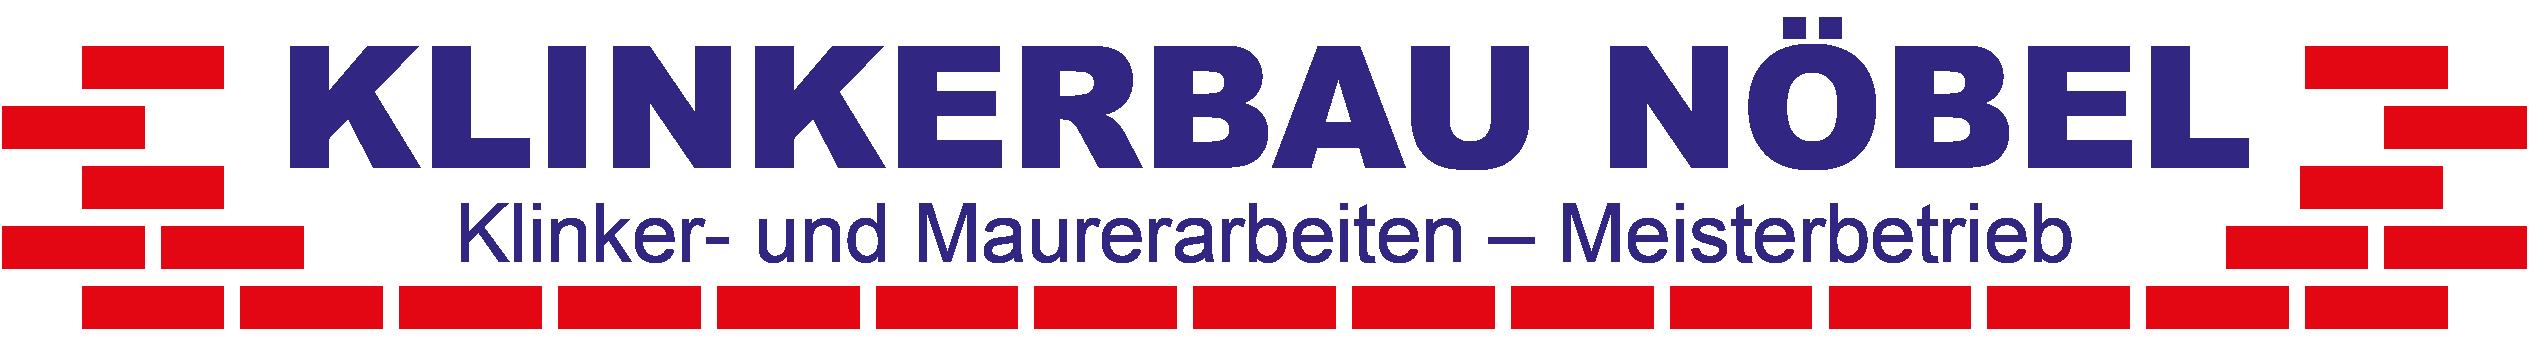 Noebel-Klinkerbau-Logo-komplett